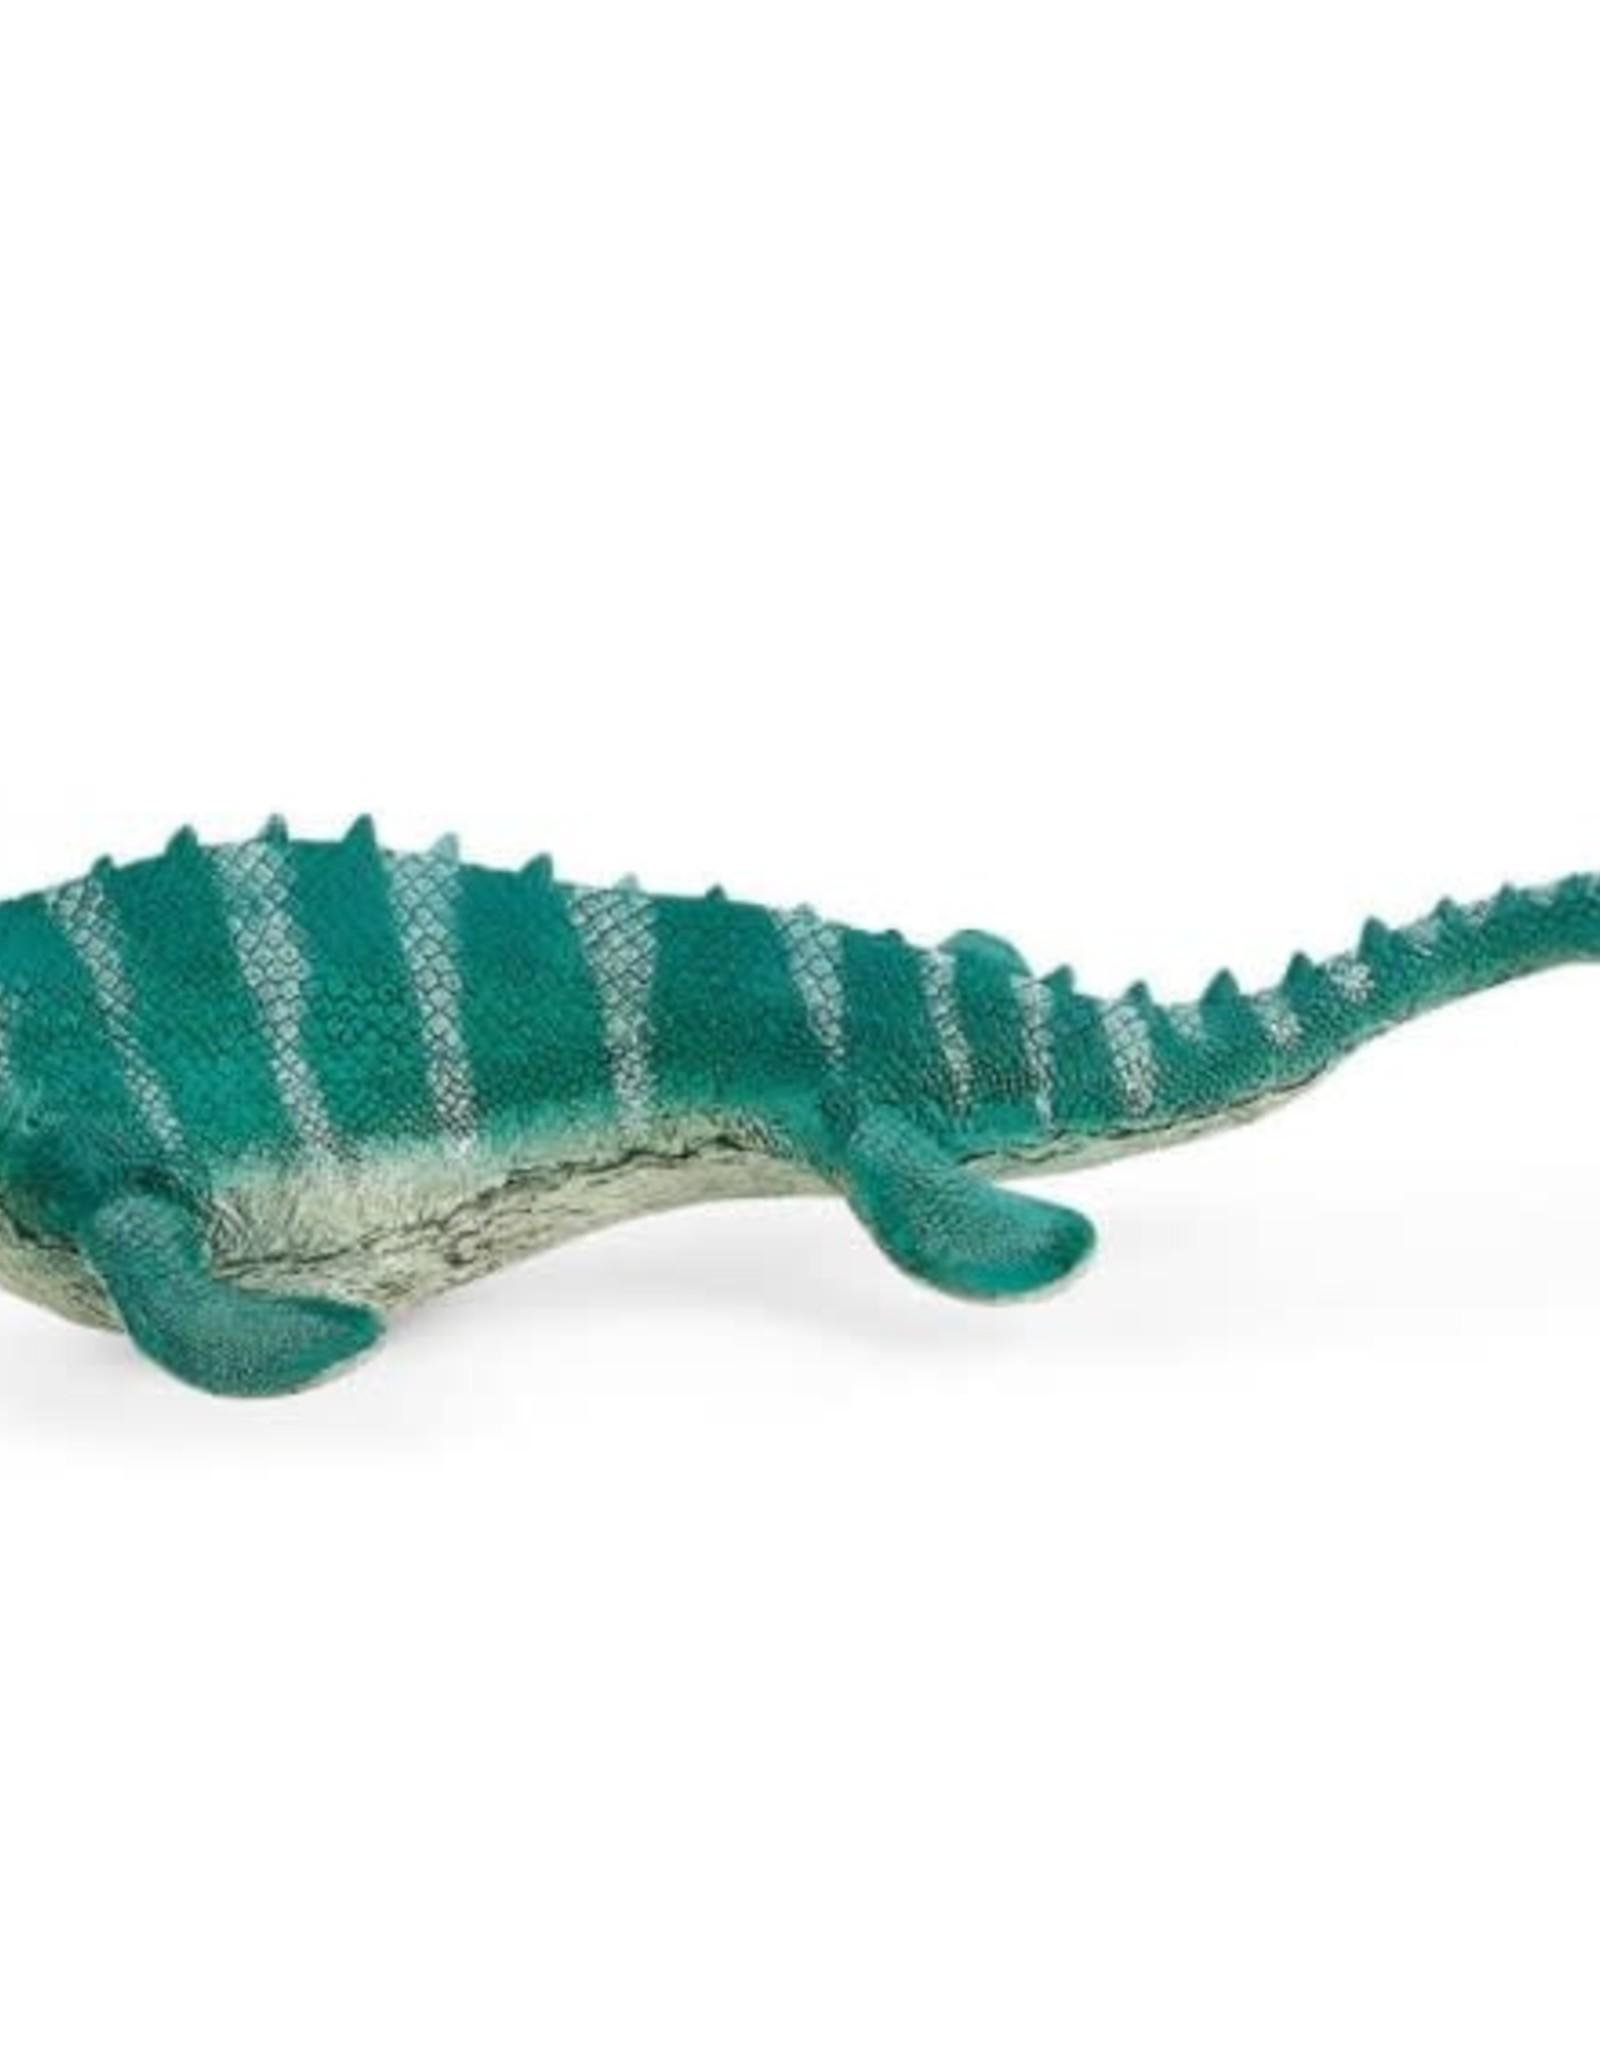 Schleich Schleich Mosasaurus